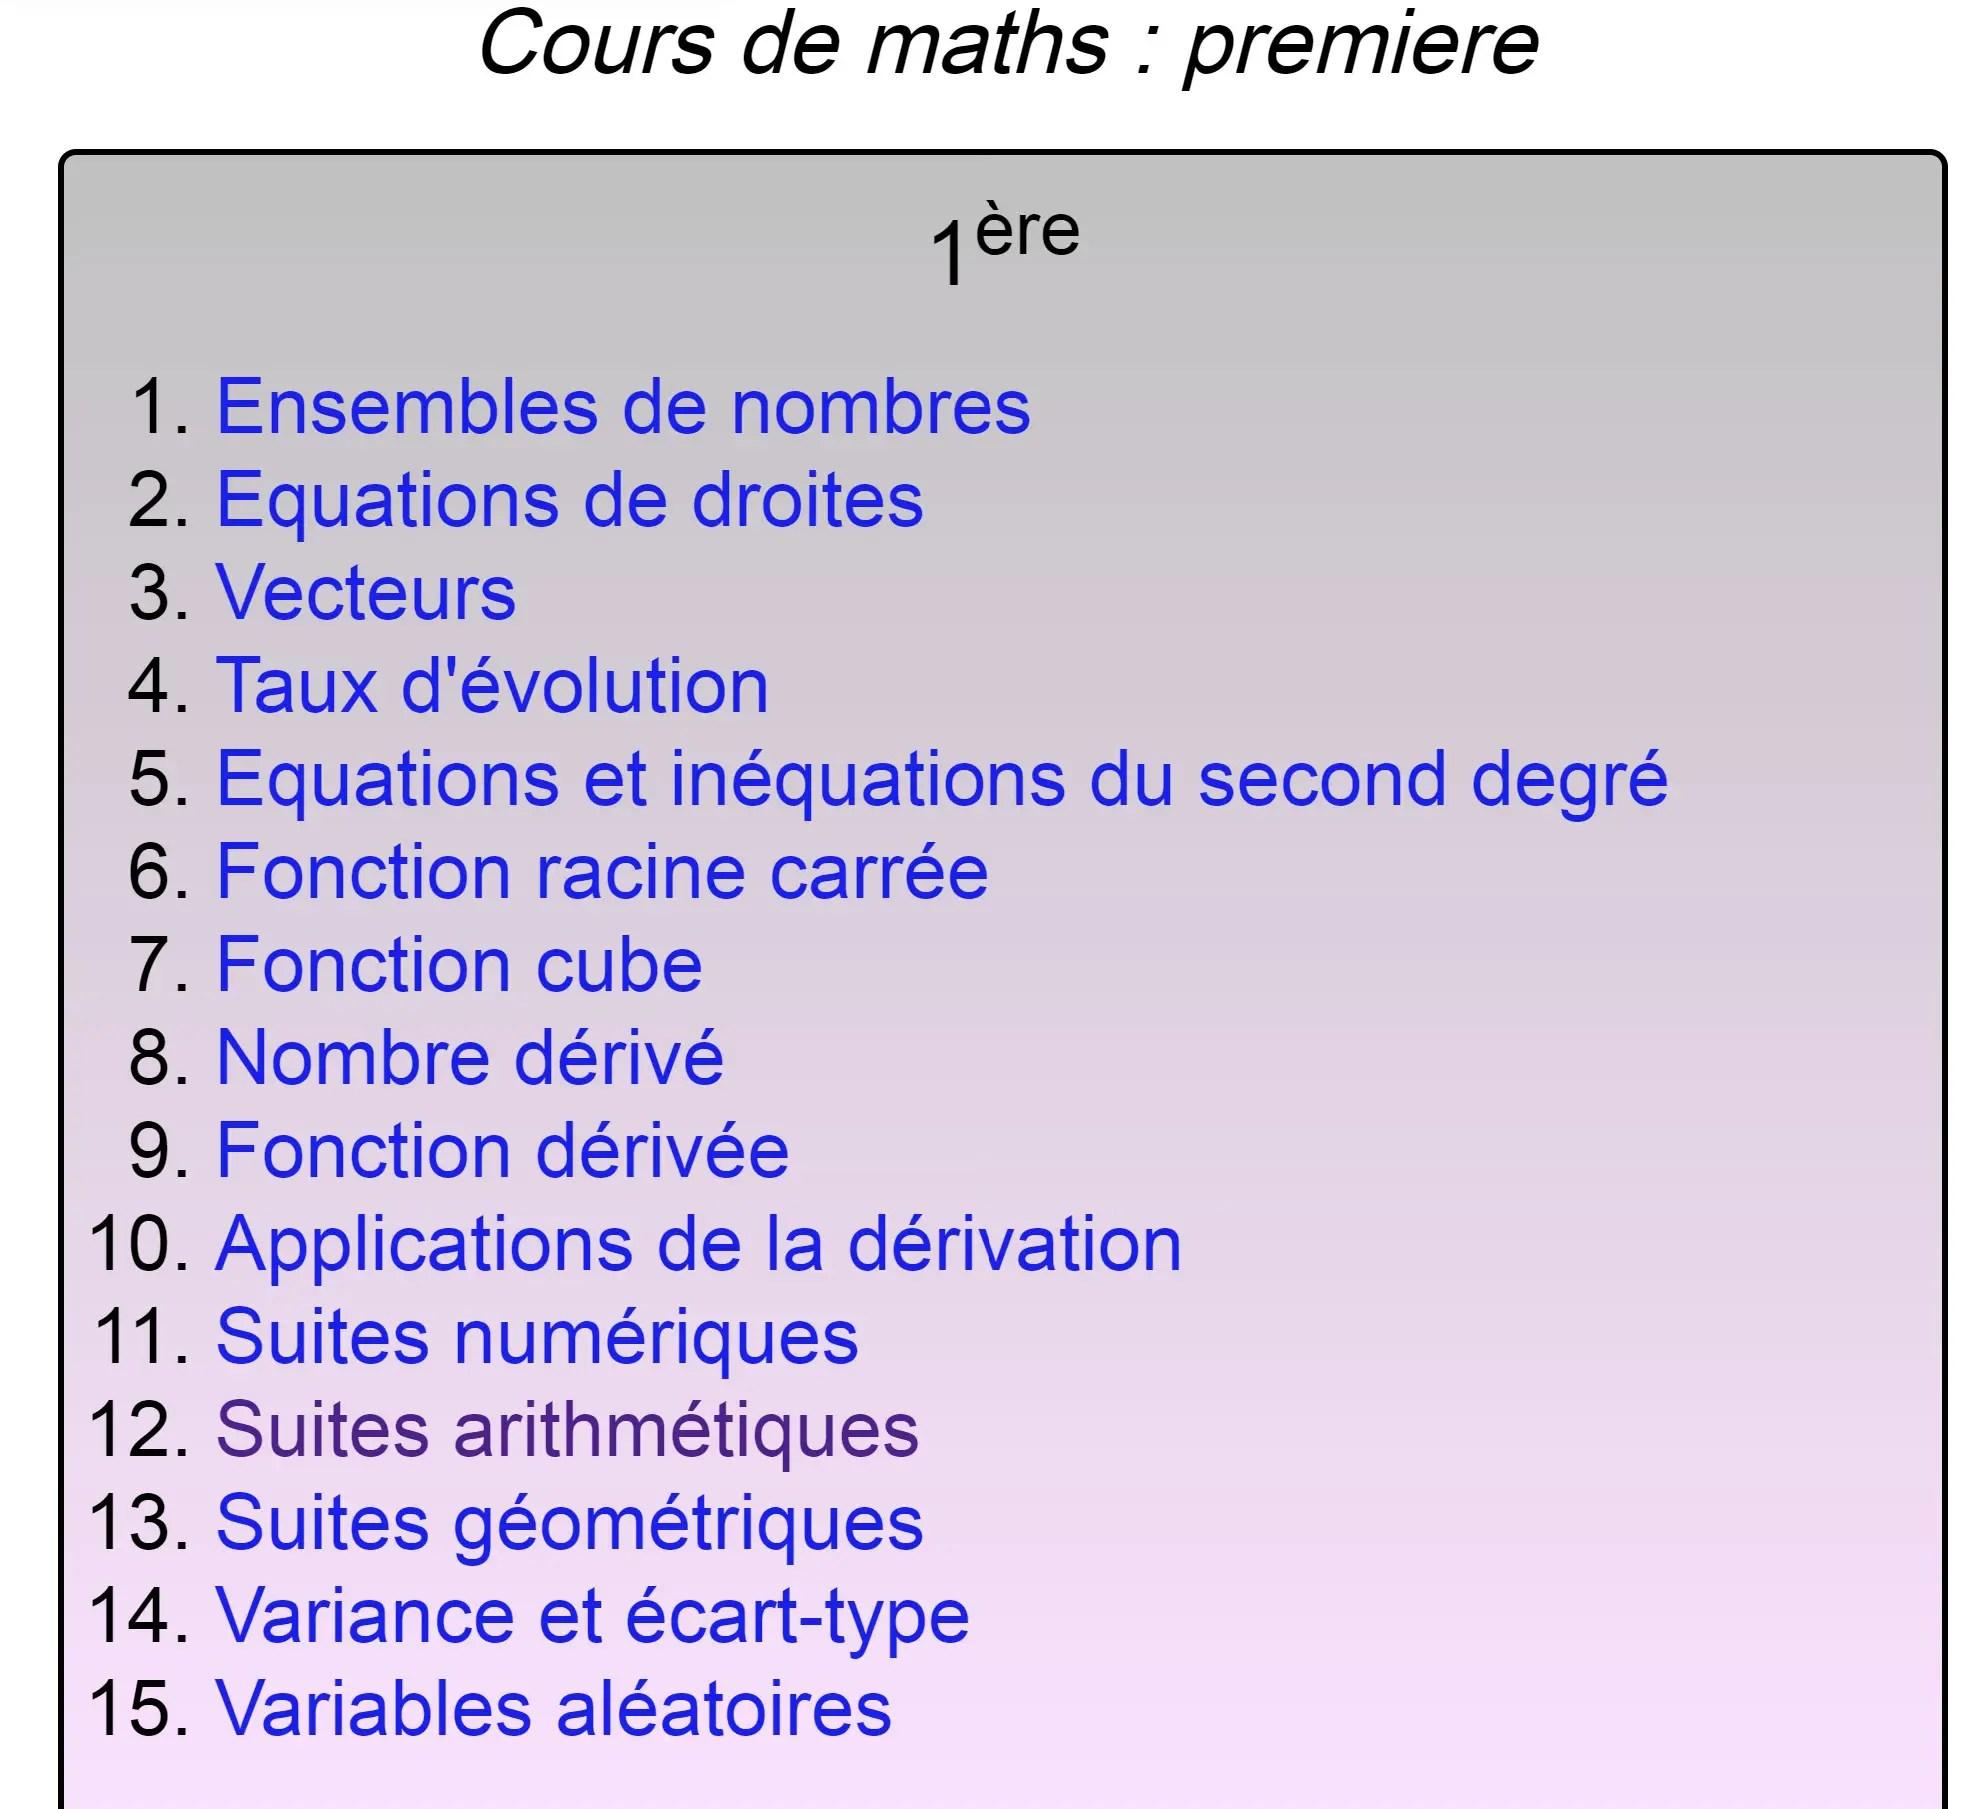 jeux-maths-cours-premiere